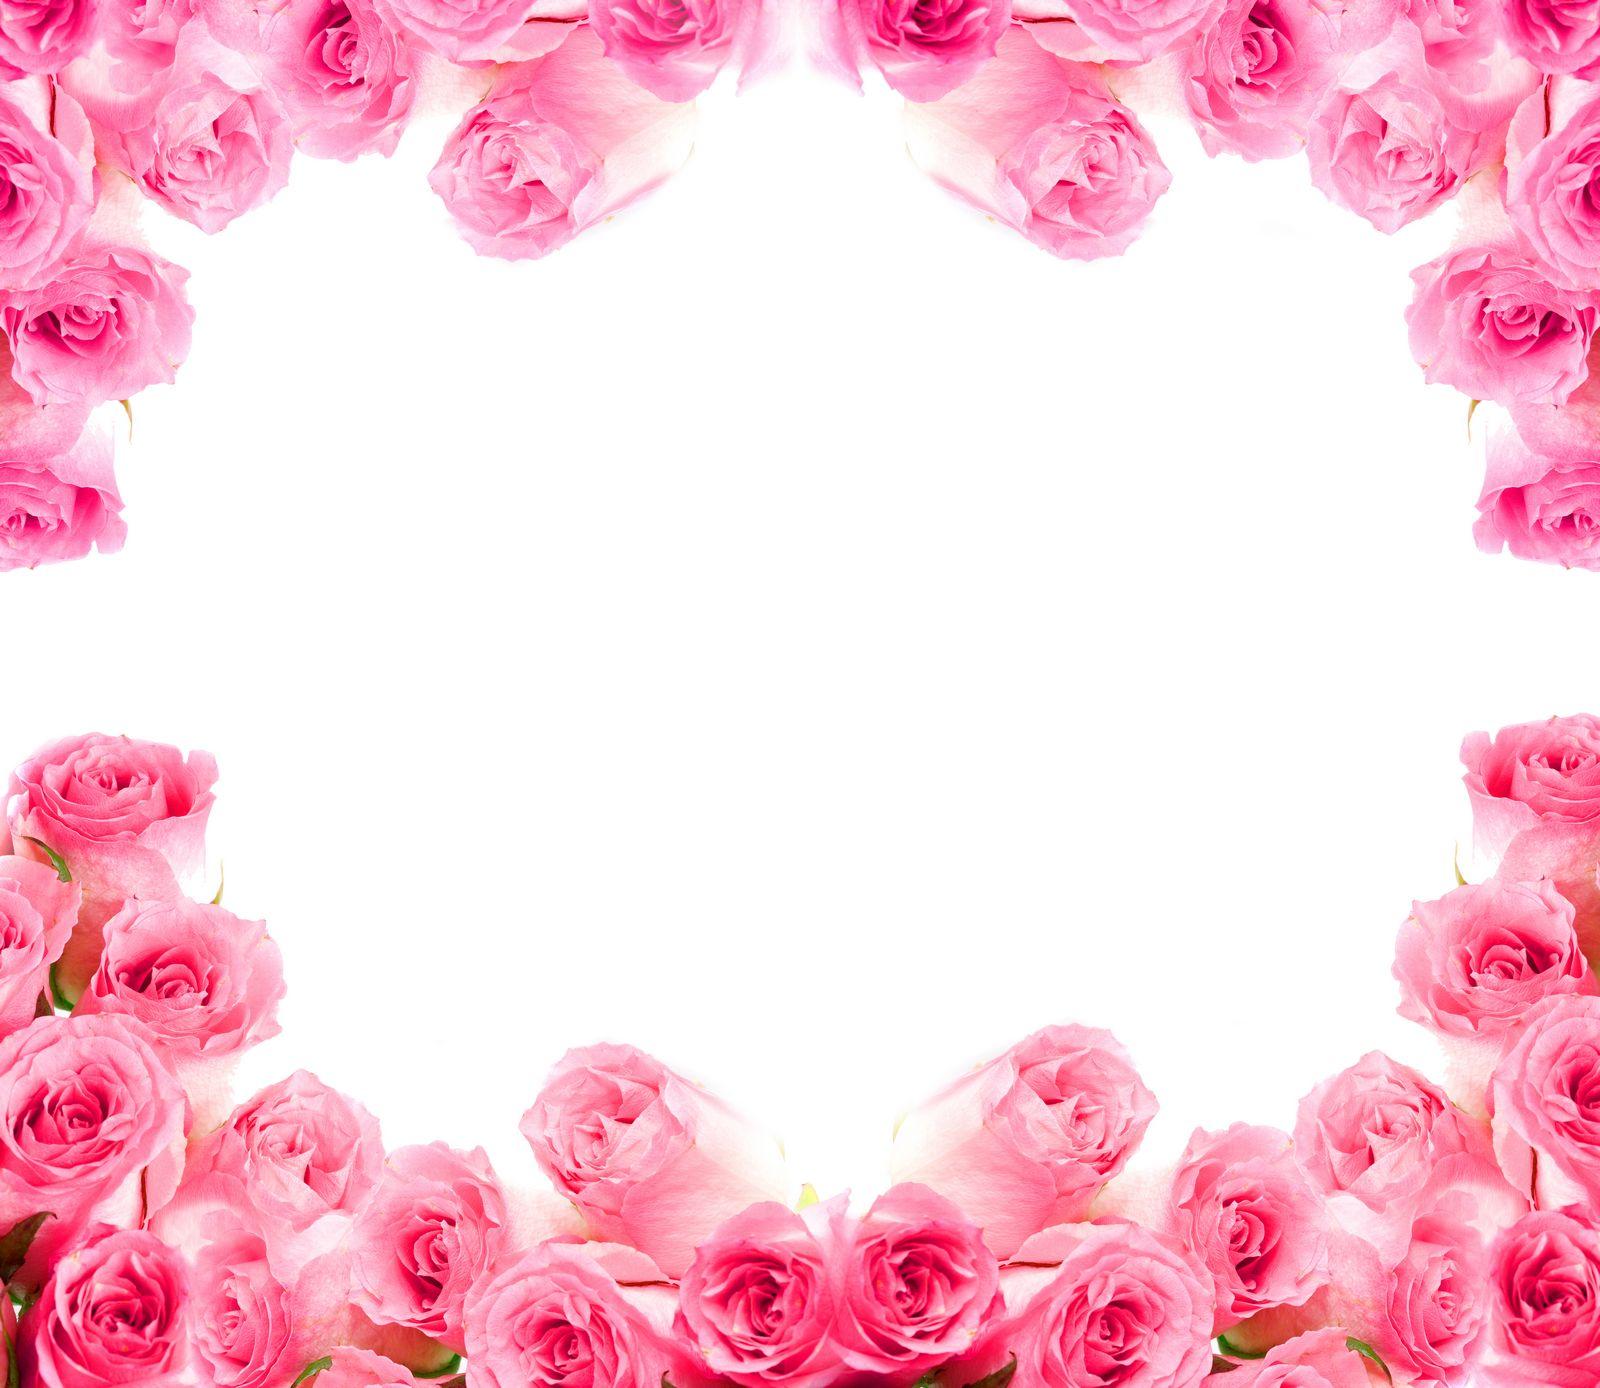 Открытки с розами по краям, для